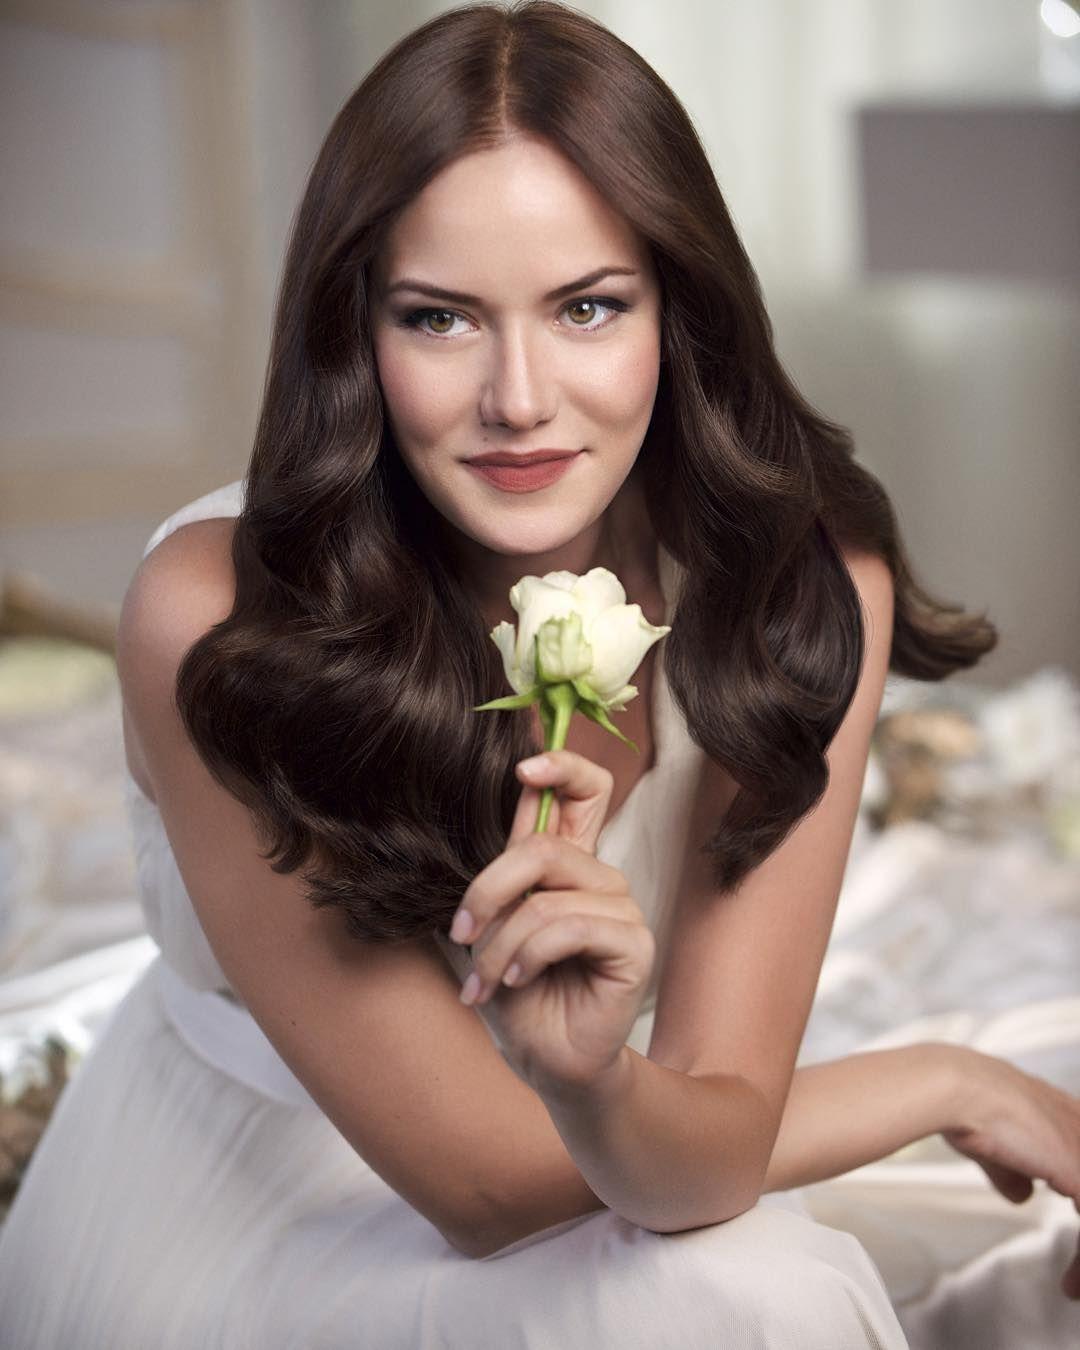 Turkish Actress Fahriye Evcen Colores De Pelo Celebridades